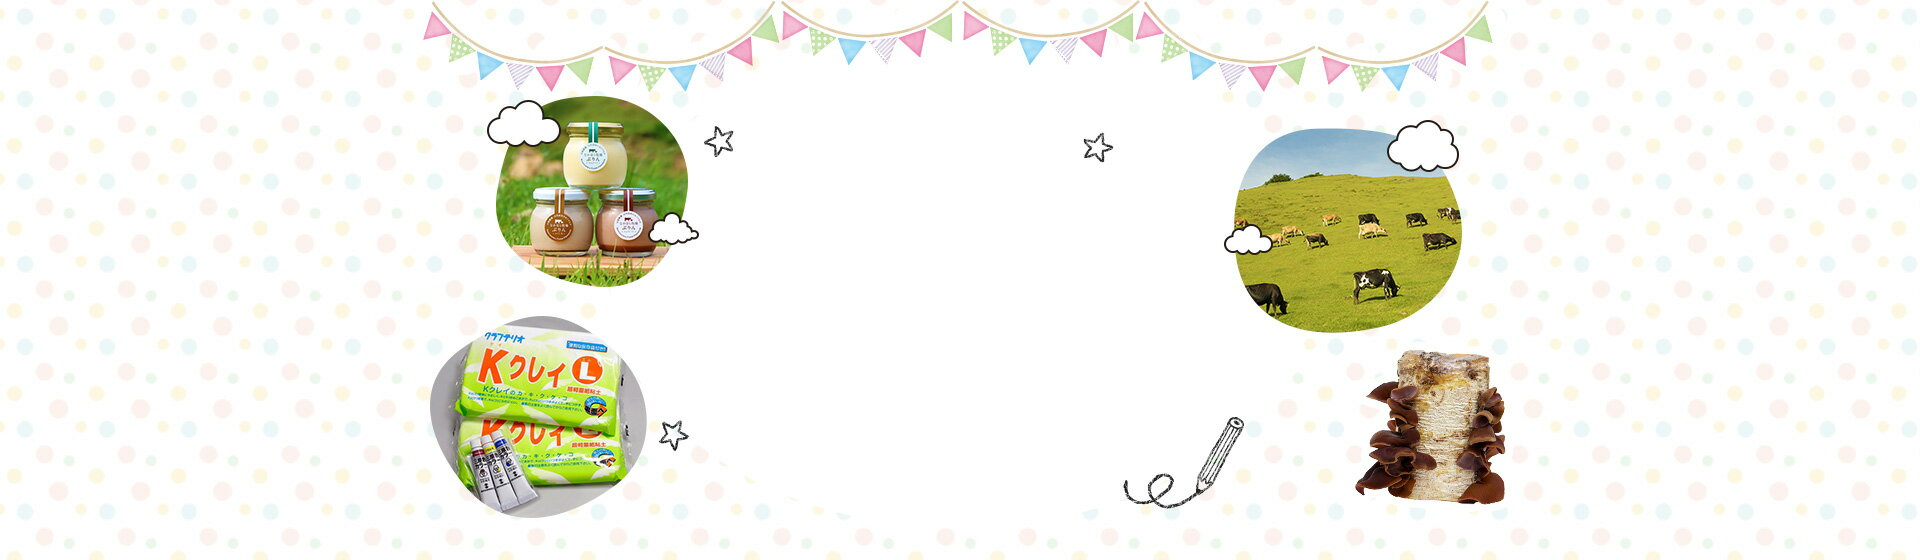 親子向け「楽天オンラインスクール」~おうちじかんで一緒に遊ぼう、学ぼう~